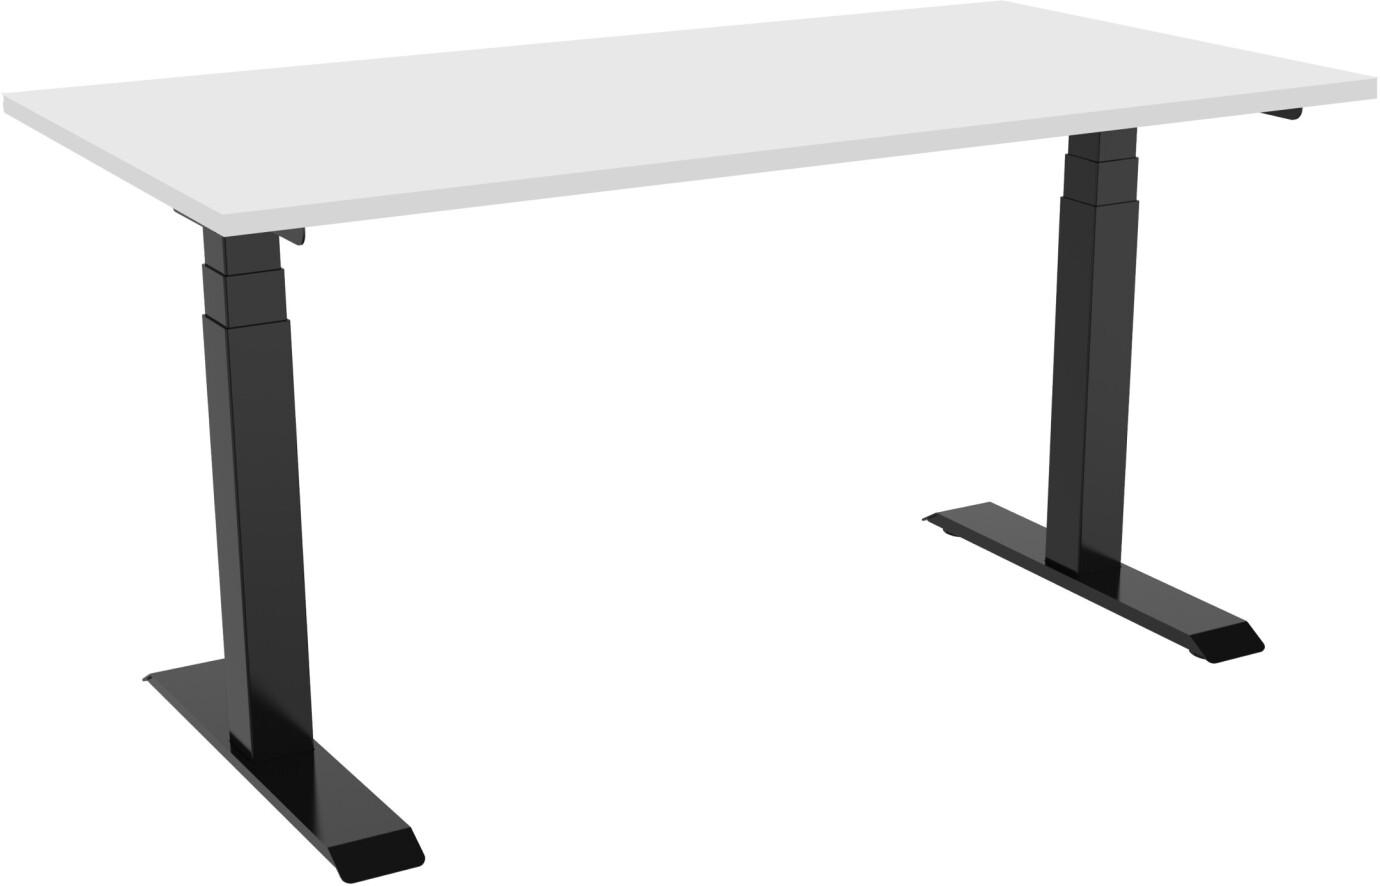 Bureau celexon PRO eAdjust-58123 réglable en hauteur électriquement - noir, avec plateau 150 x 75 cm